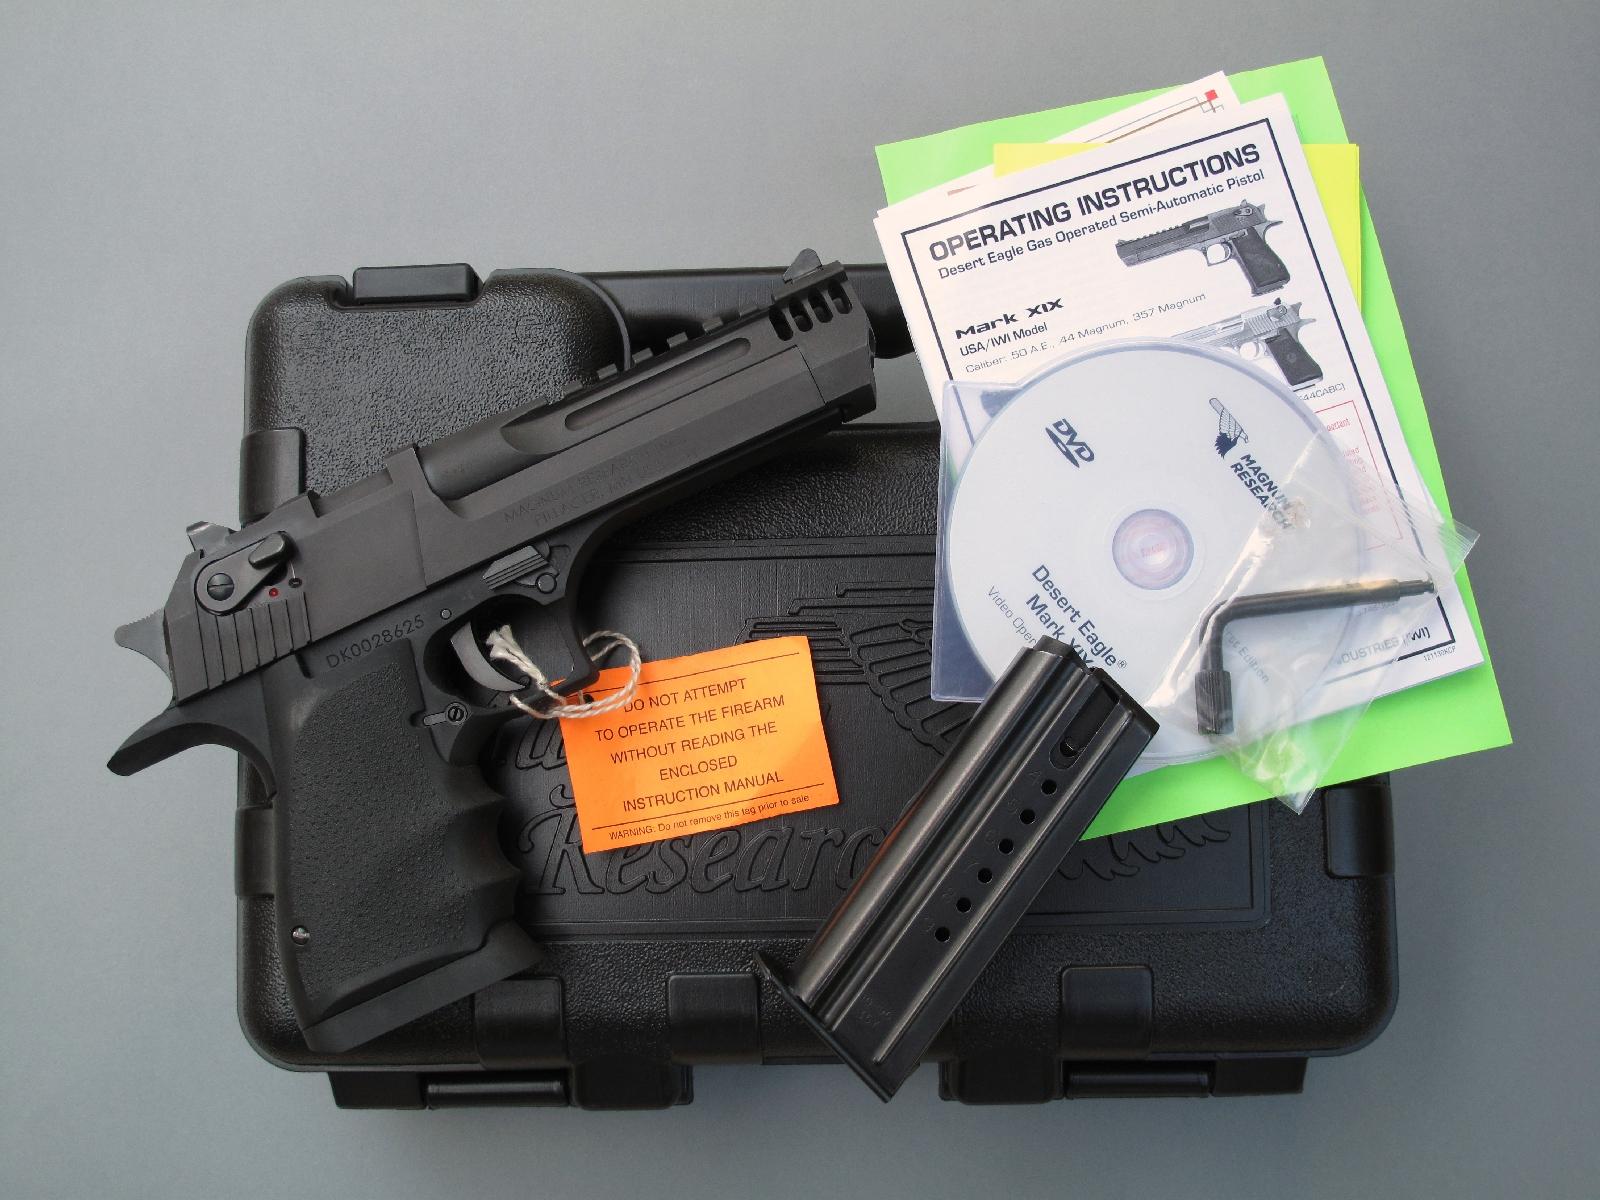 Ce pistolet est livré dans une mallette de transport de qualité correcte, accompagné par un seul chargeur, un mode d'emploi détaillé (livre + DVD) et un outil coudé destiné au curetage du cylindre dans lequel sont envoyés les gaz prélevés dans la chambre au départ du coup.